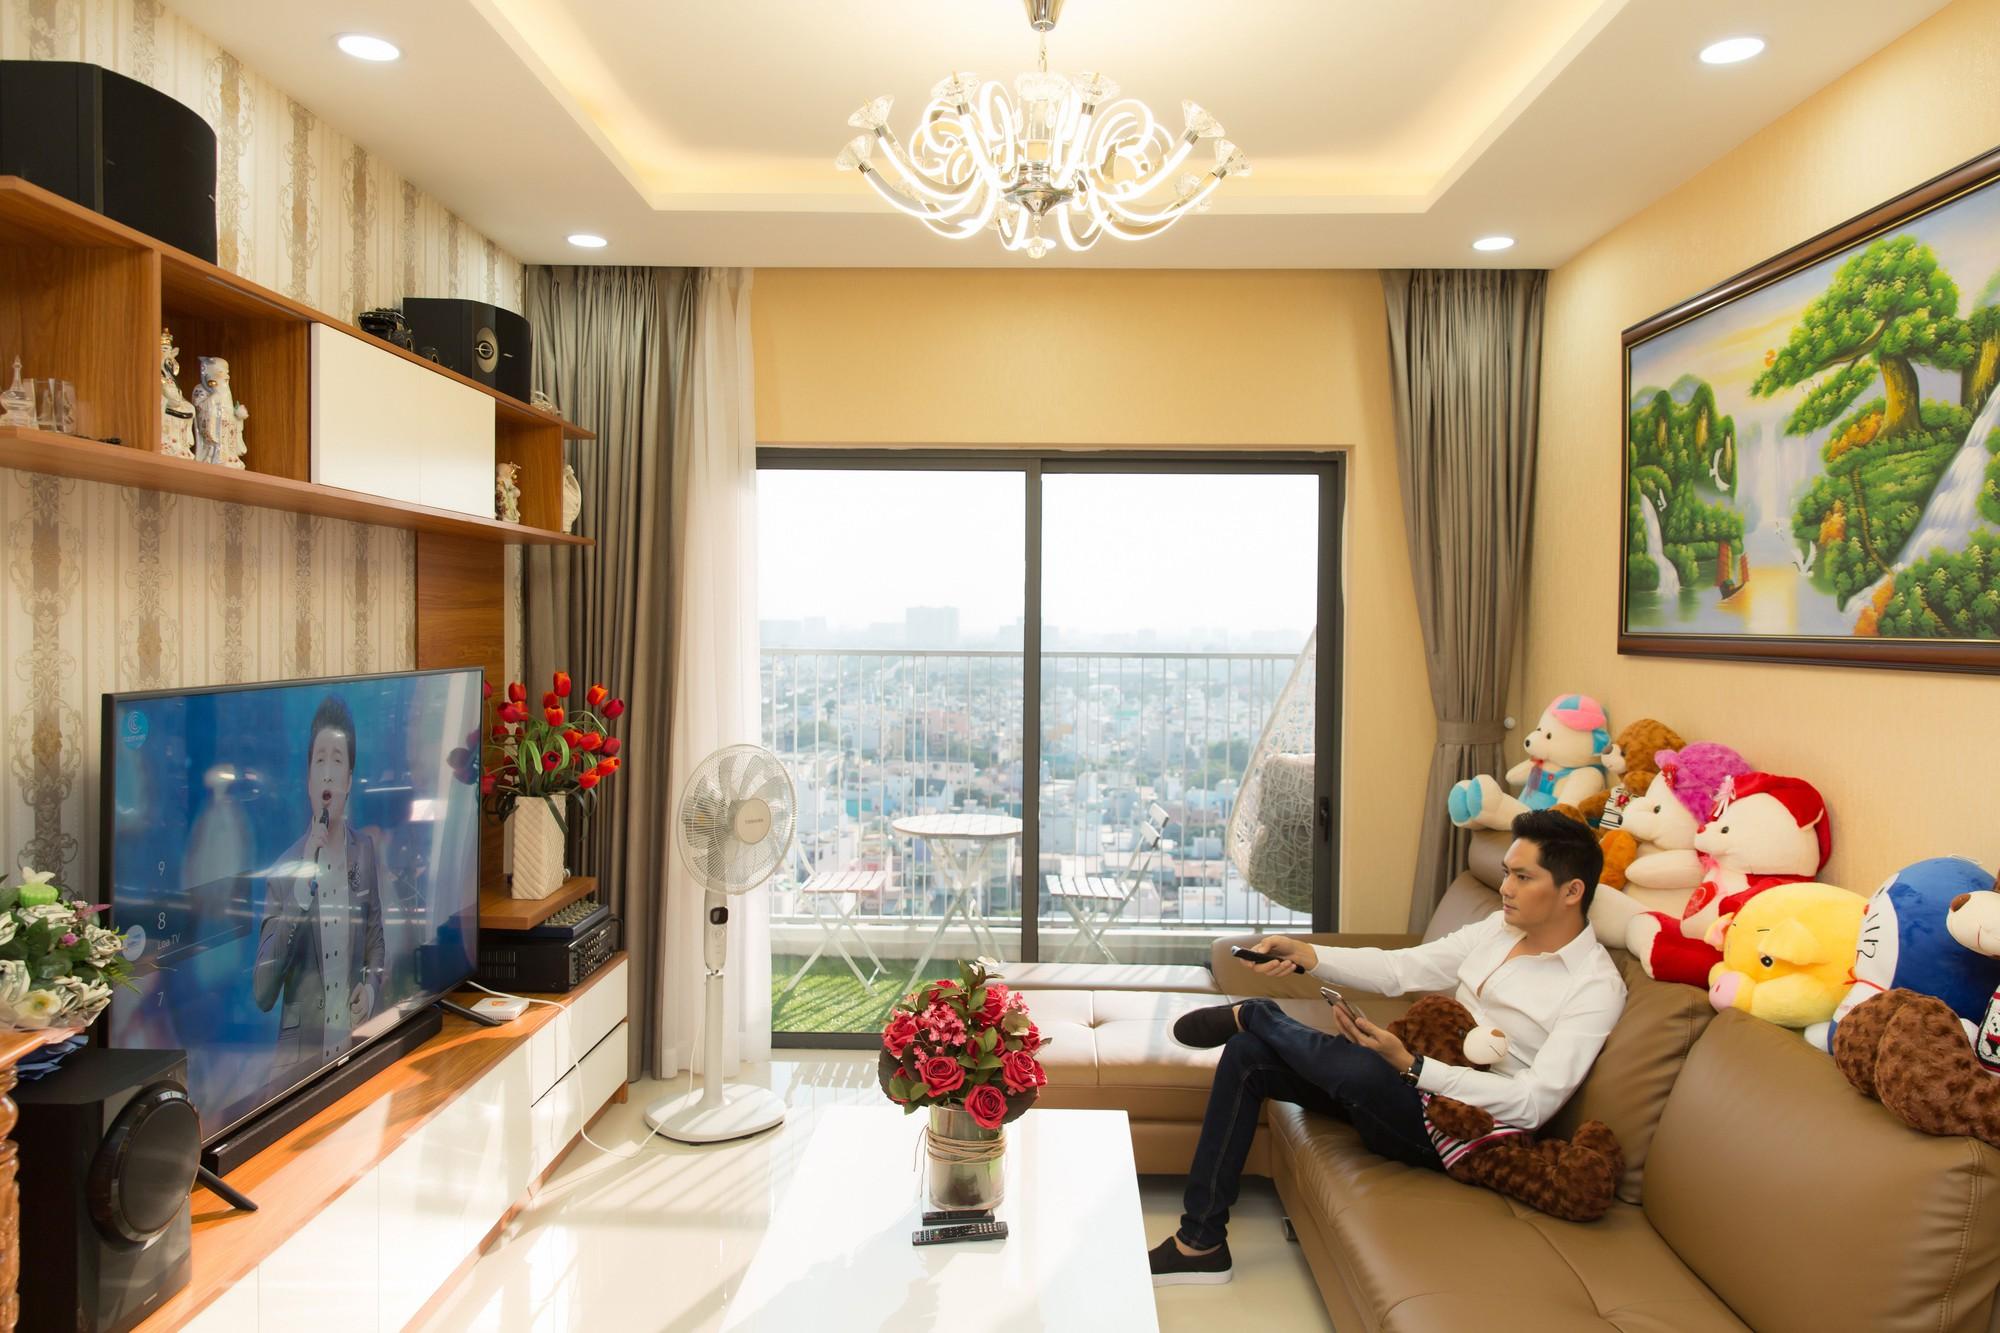 Diễn viên Minh Luân tự hào khoe căn hộ rộng 100 m2 sau 10 năm lập nghiệp ở TP HCM - Hình 2